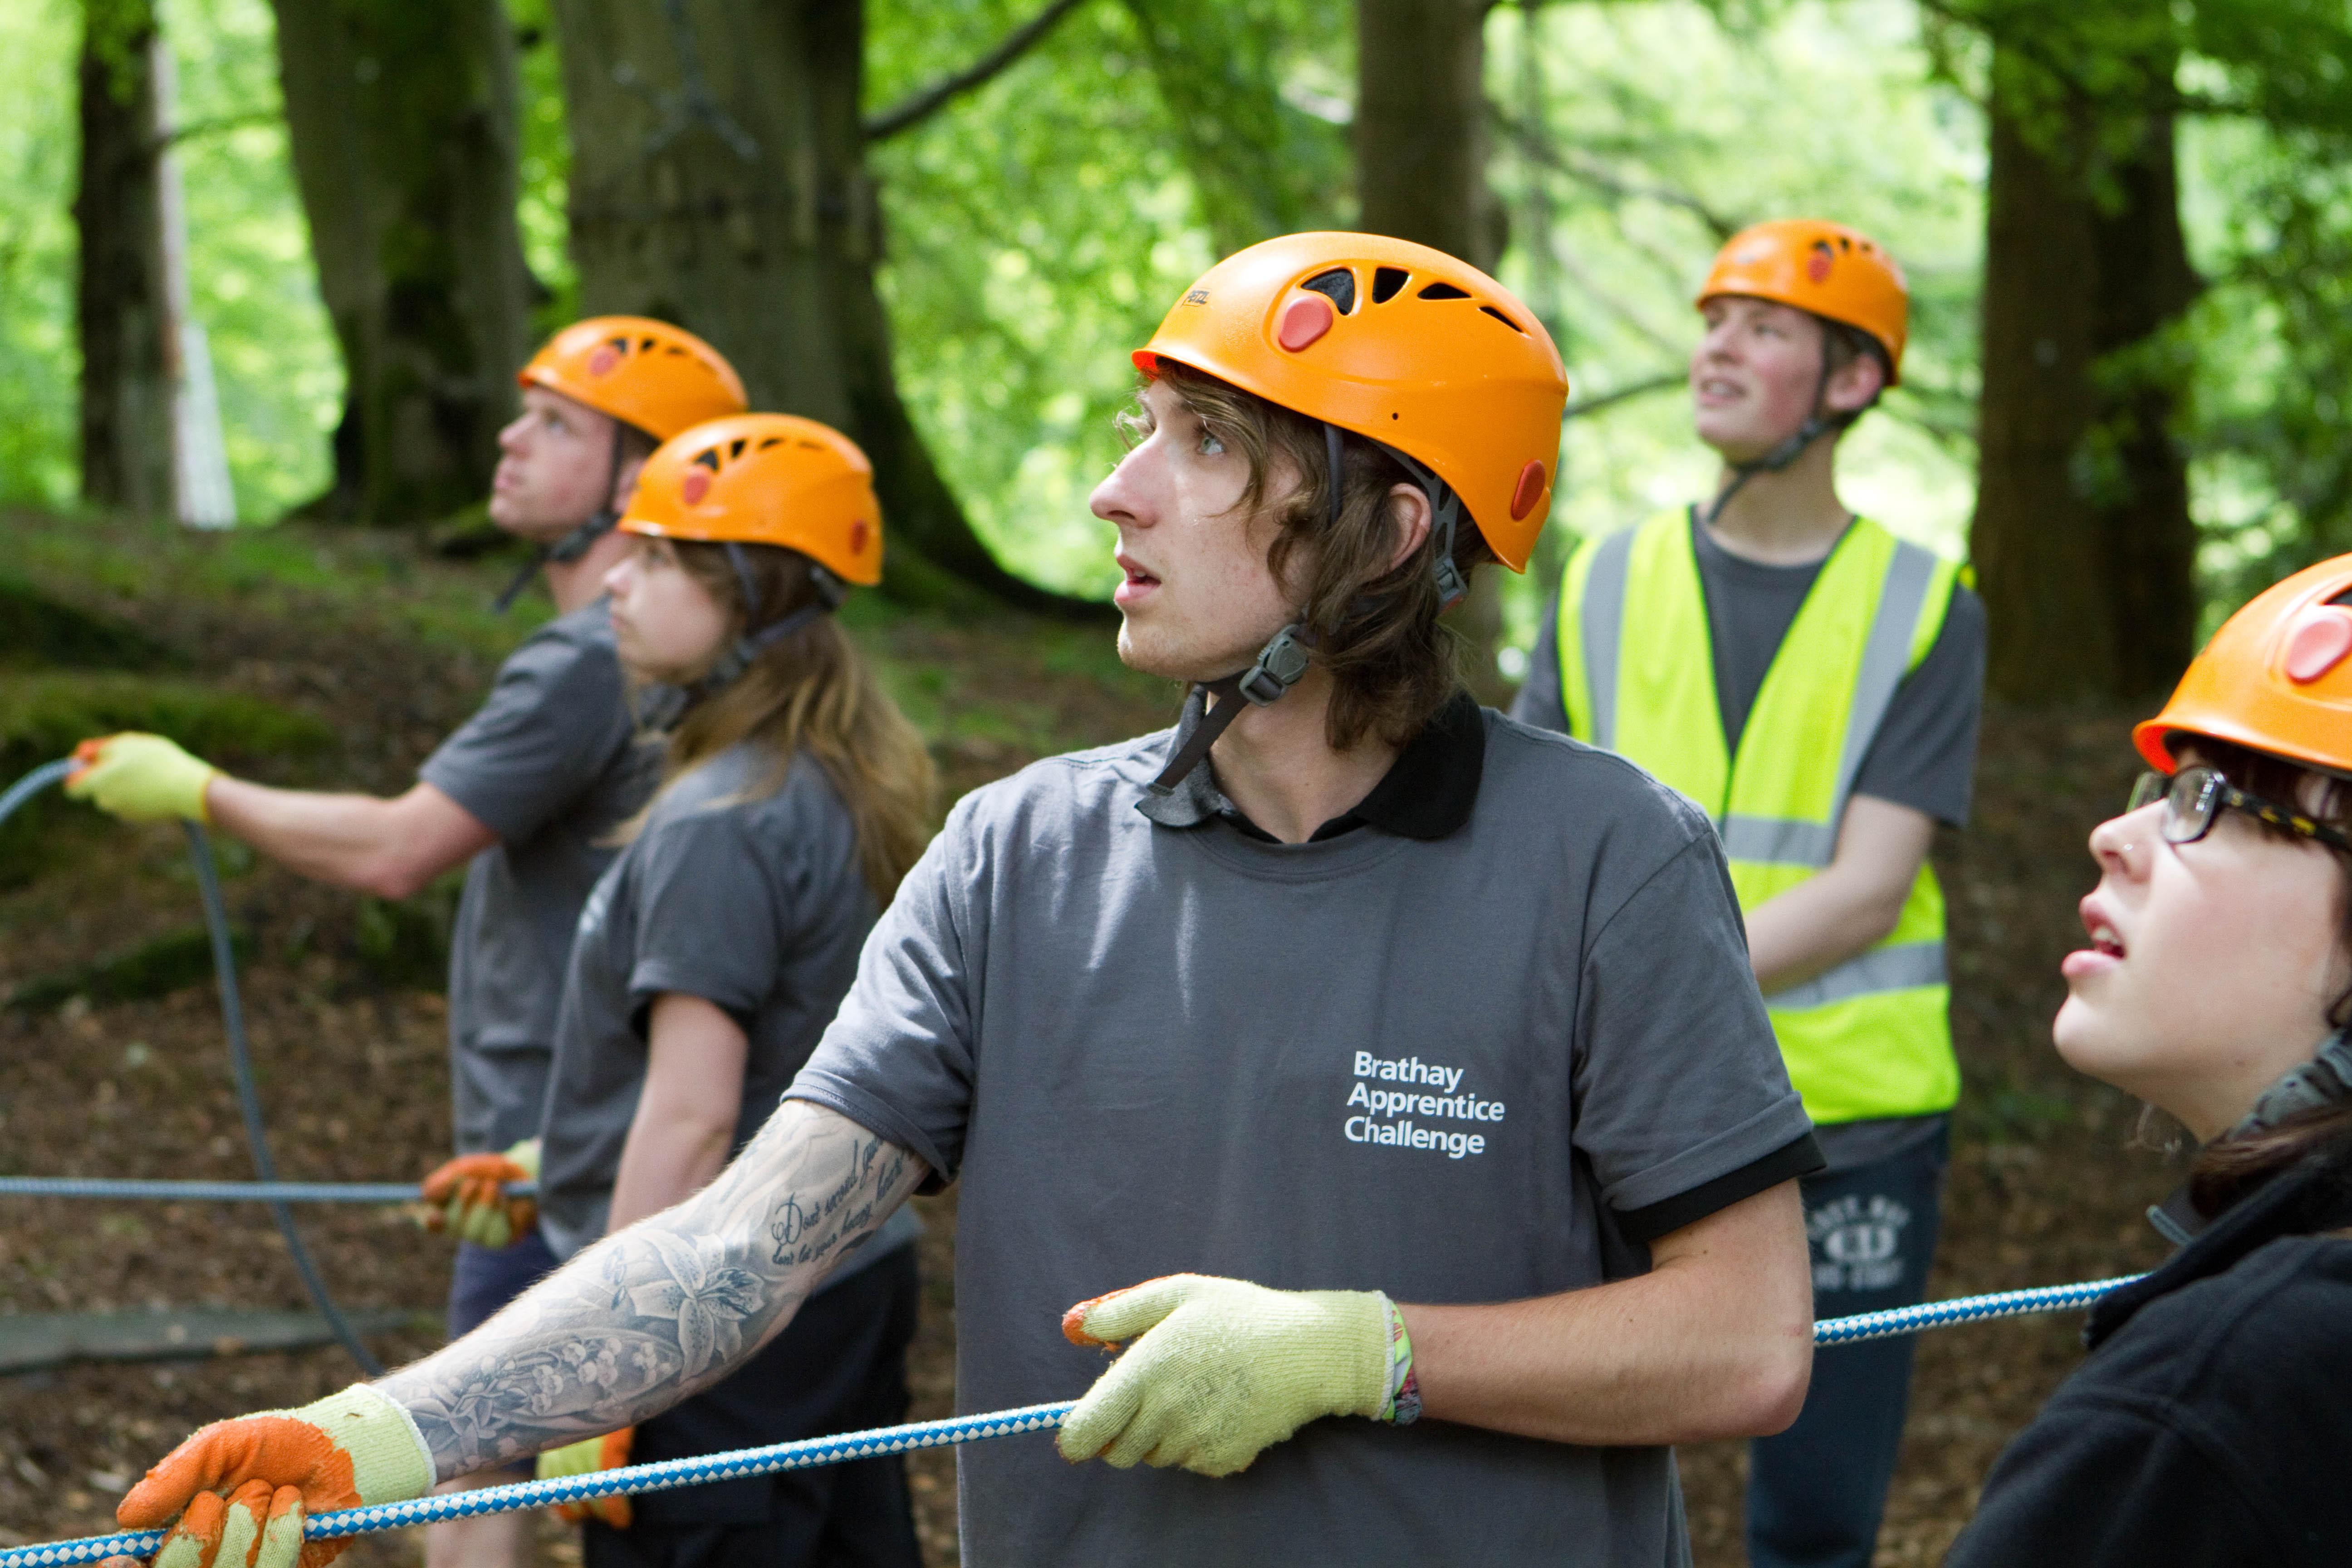 Team Sellafield apprentices